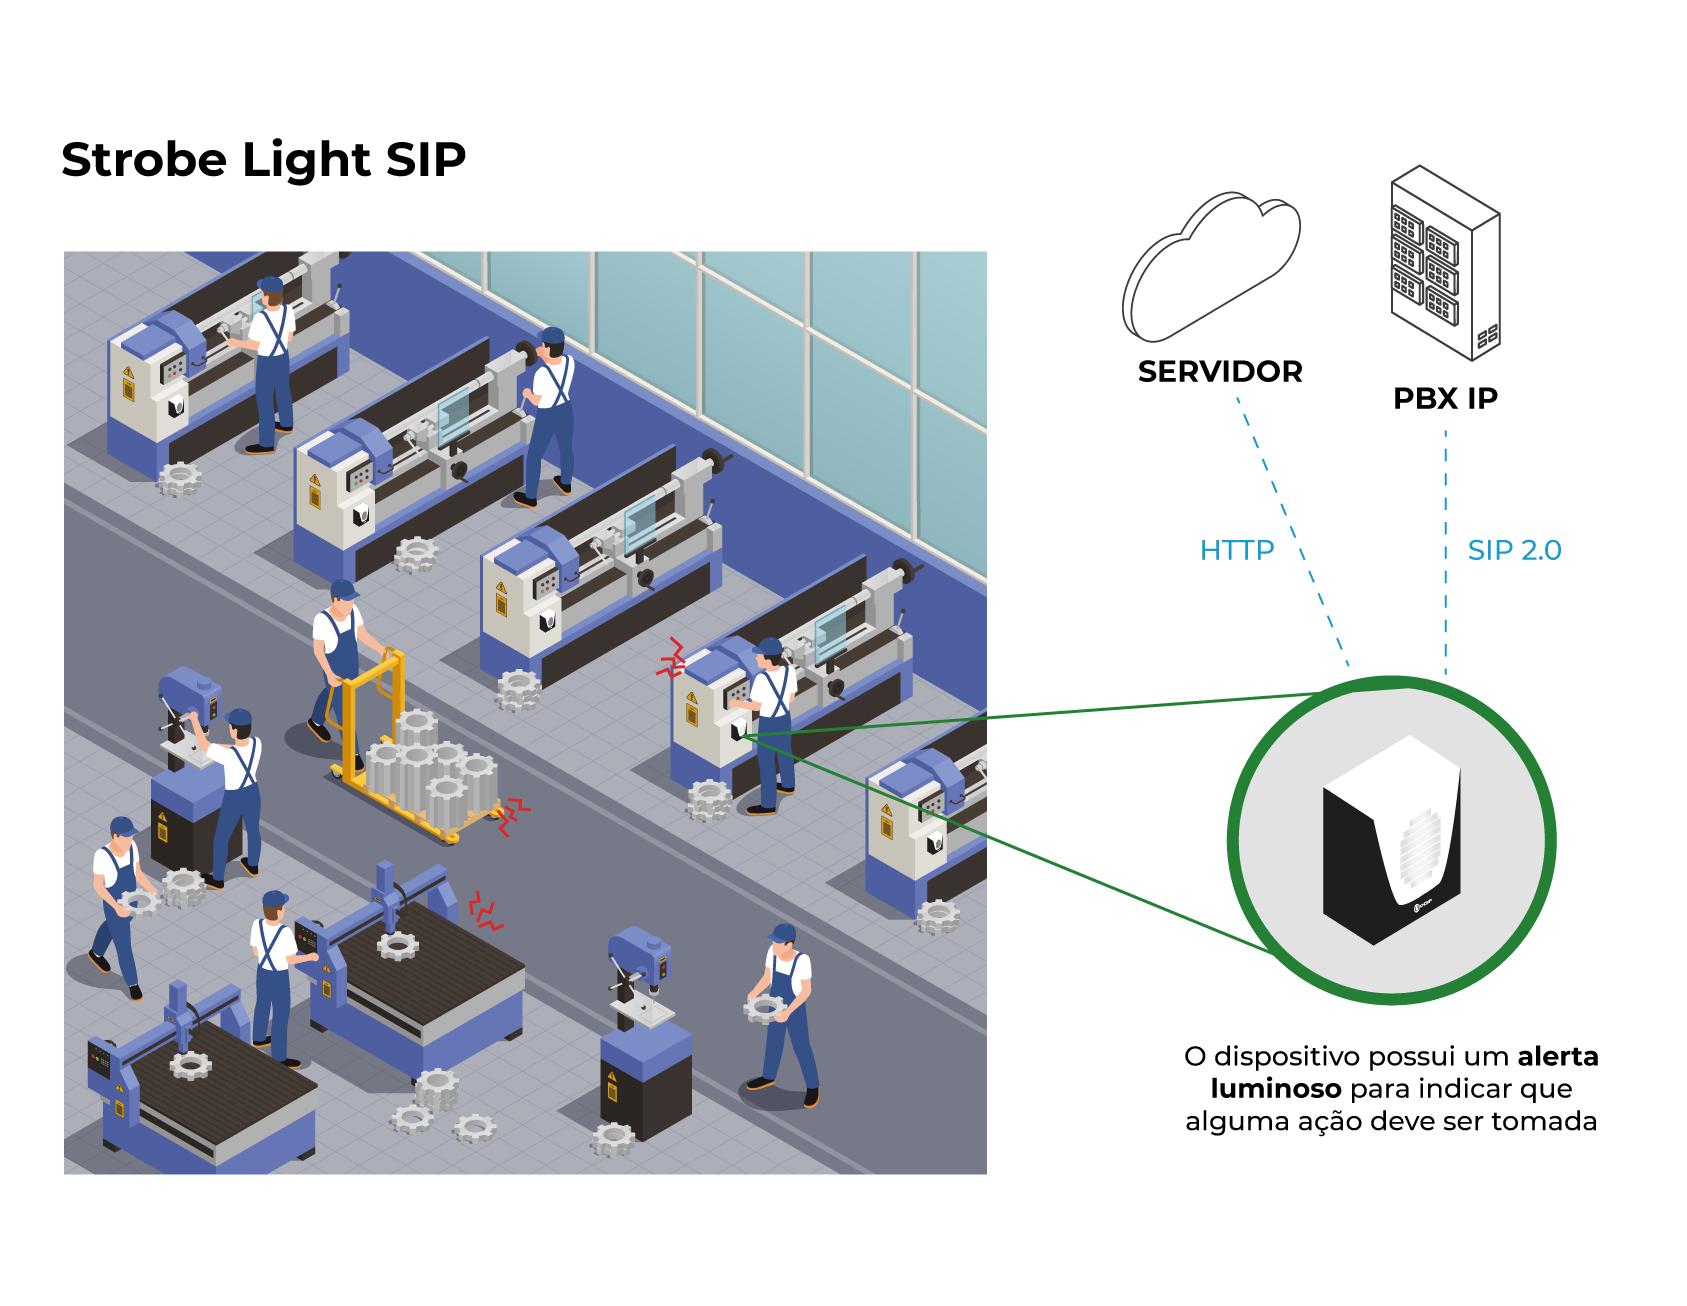 Modelo de aplicação - Strobe Light SIP (Ruidoso)